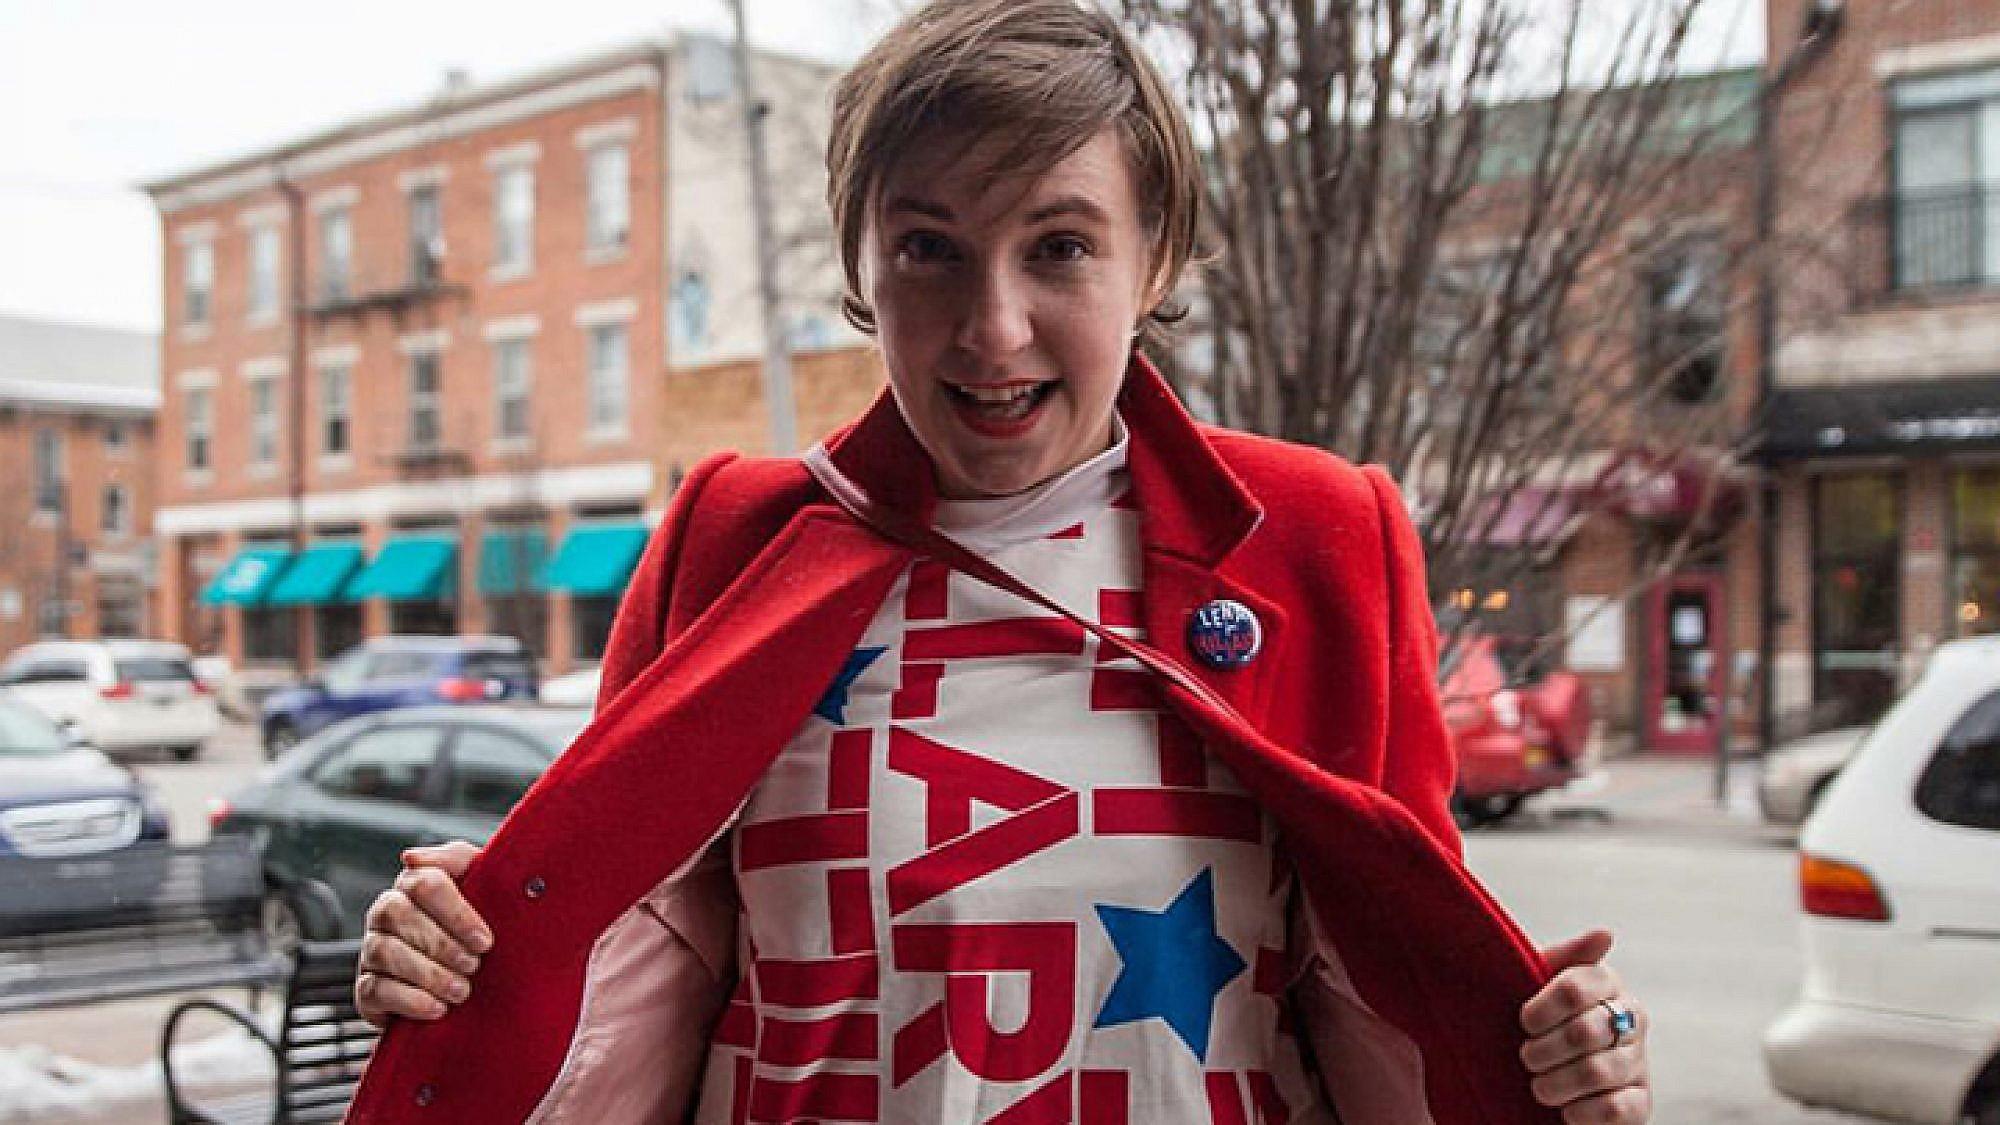 דנהאם בקמפיין של הילרי קלינטון | צילום מתוך אינסטגרם